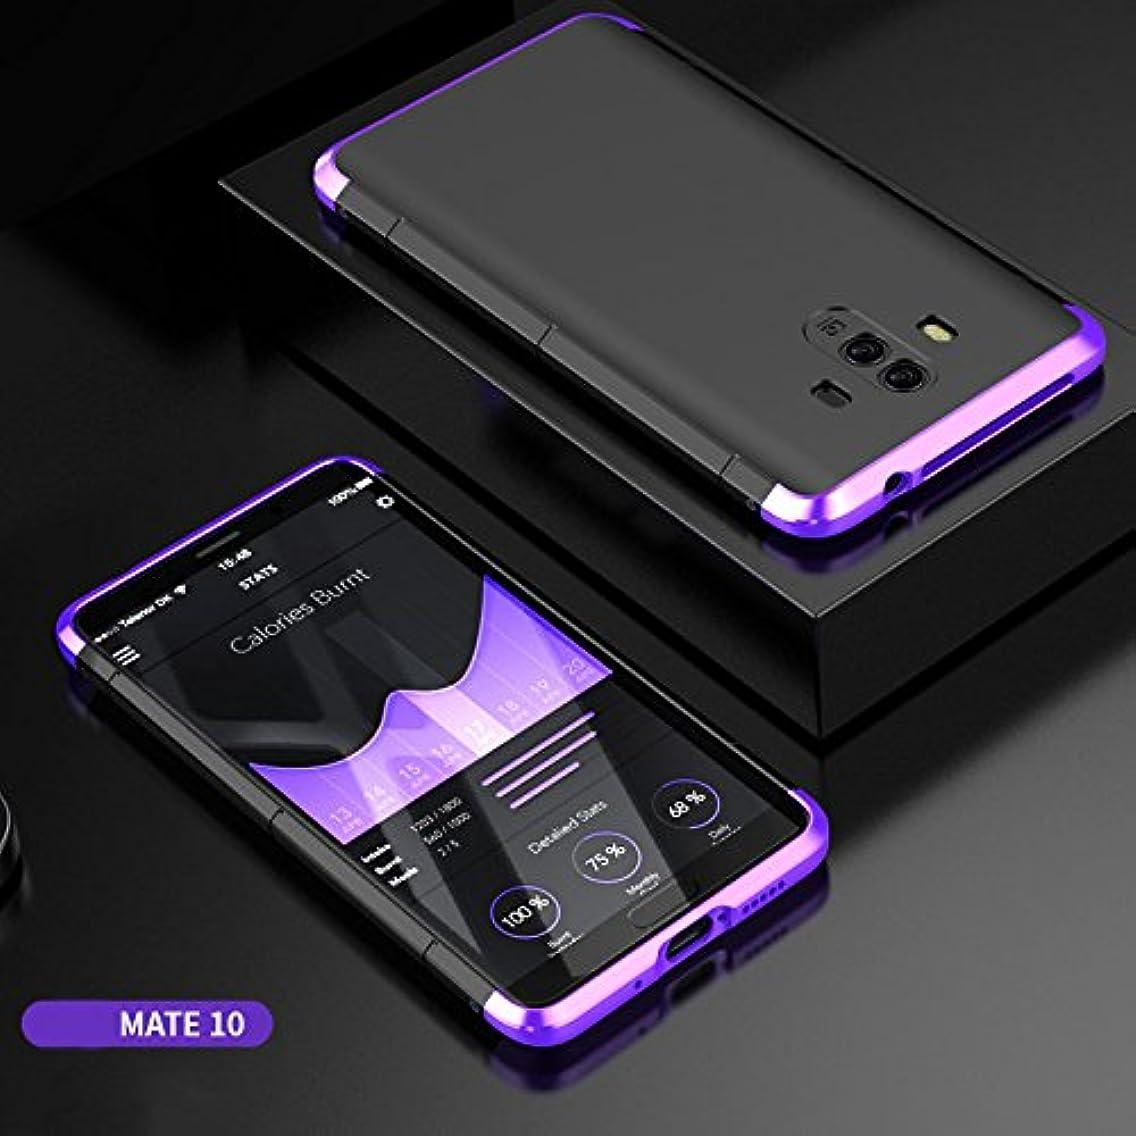 Jicorzo - Huawei社メイト10 Coqueのために華為メイト10電話ケース耐衝撃バンパーフレームシェルのためにファッションメタル+ PC電話裏表紙